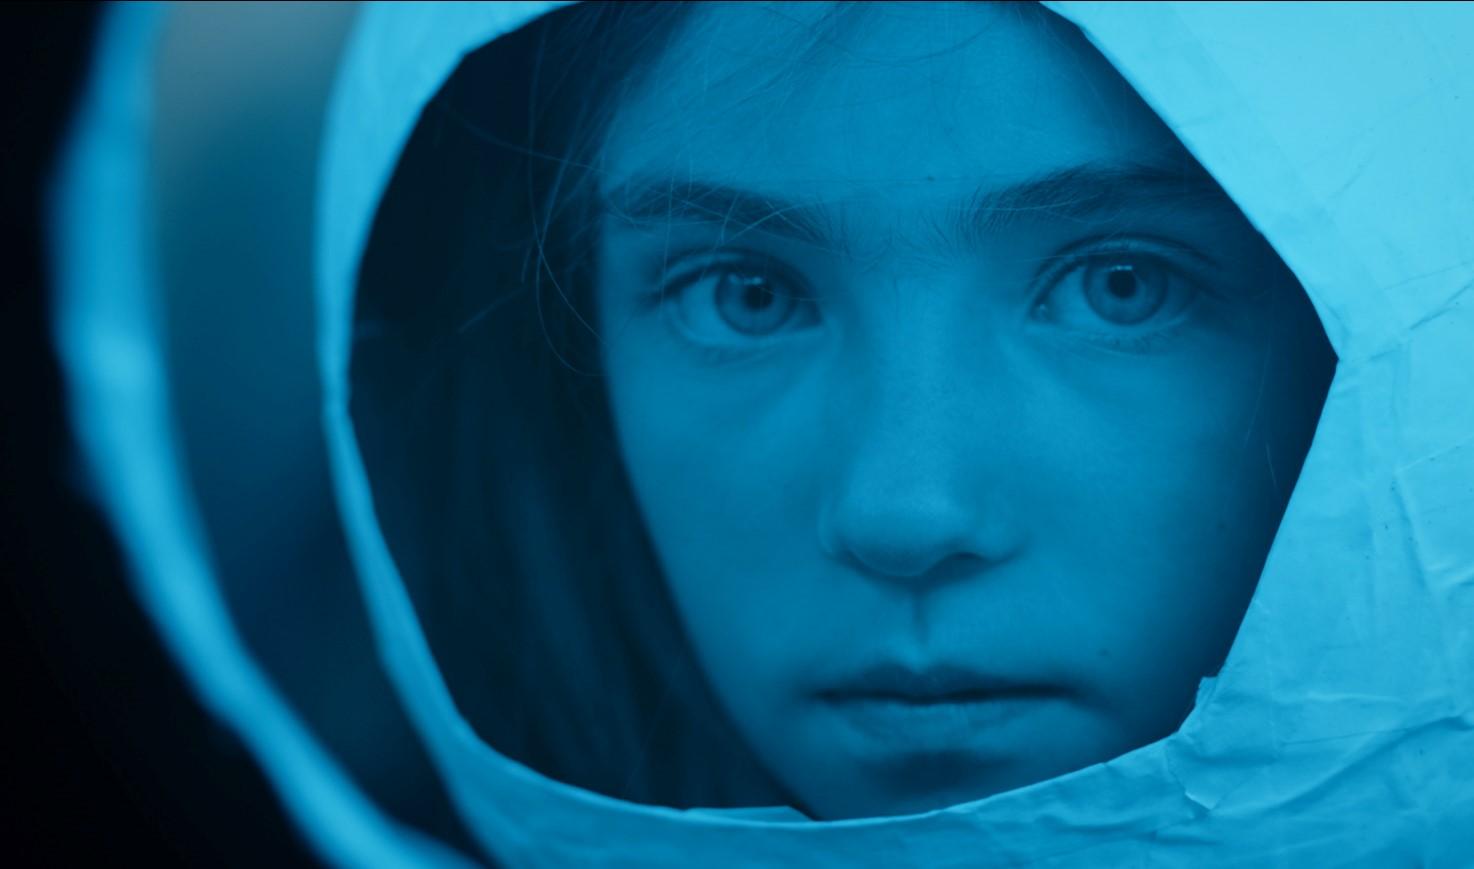 Παιδικό και Εφηβικό Διεθνές Φεστιβάλ Κινηματογράφου Αθήνας